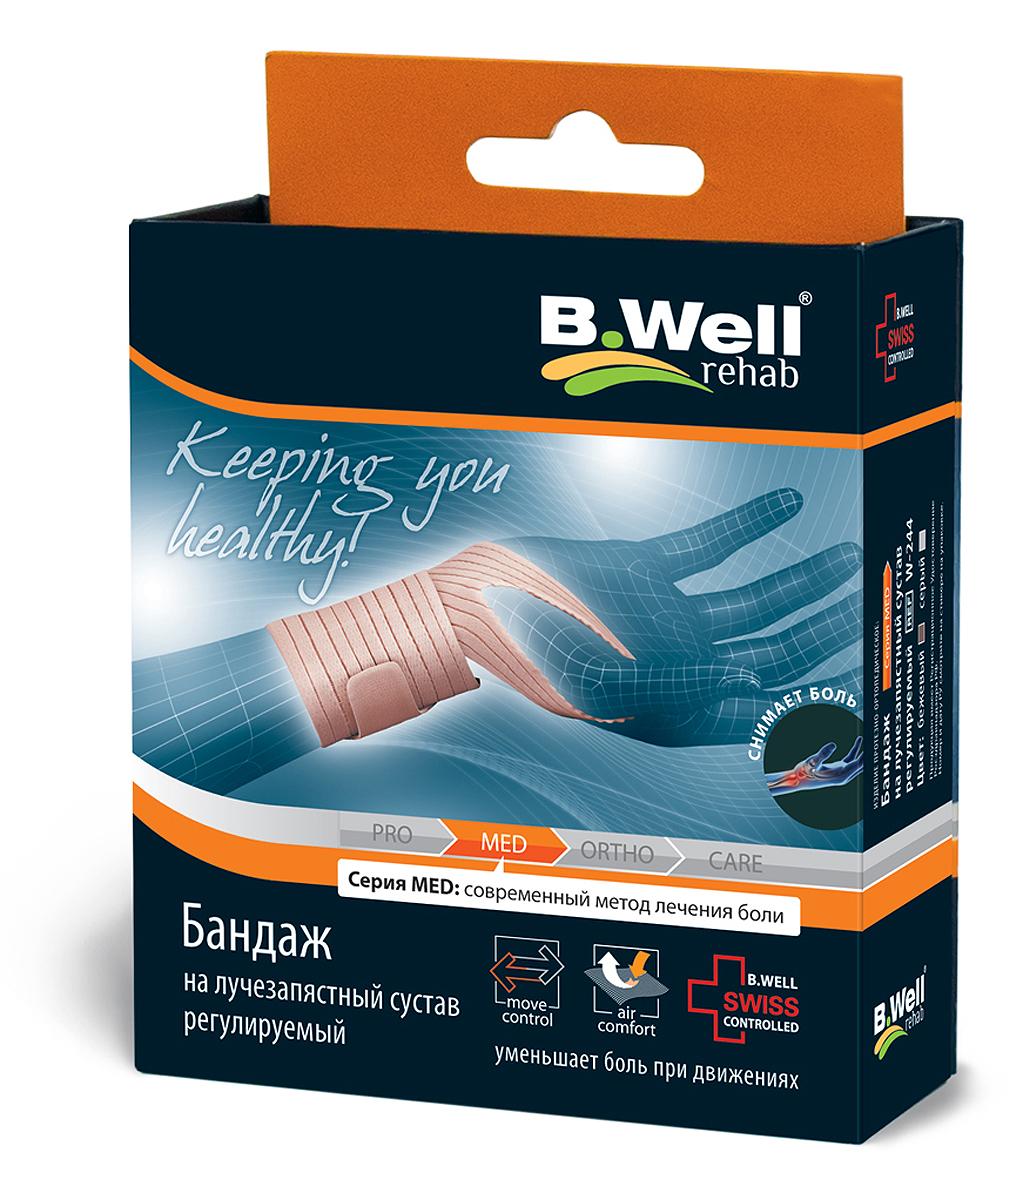 B.Well Бандажи на лучезапястный сустав, универ. (бежевый) W-244W-244Предусмотрена возможность для регулируемого воздействия (компрессии) на сустав, что позволяет предотвратить отек и уменьшить боль, ограничивая резкие движения в кисти.Тонкий воздухопроницаемый гипоаллергенный материал для комфортного применения